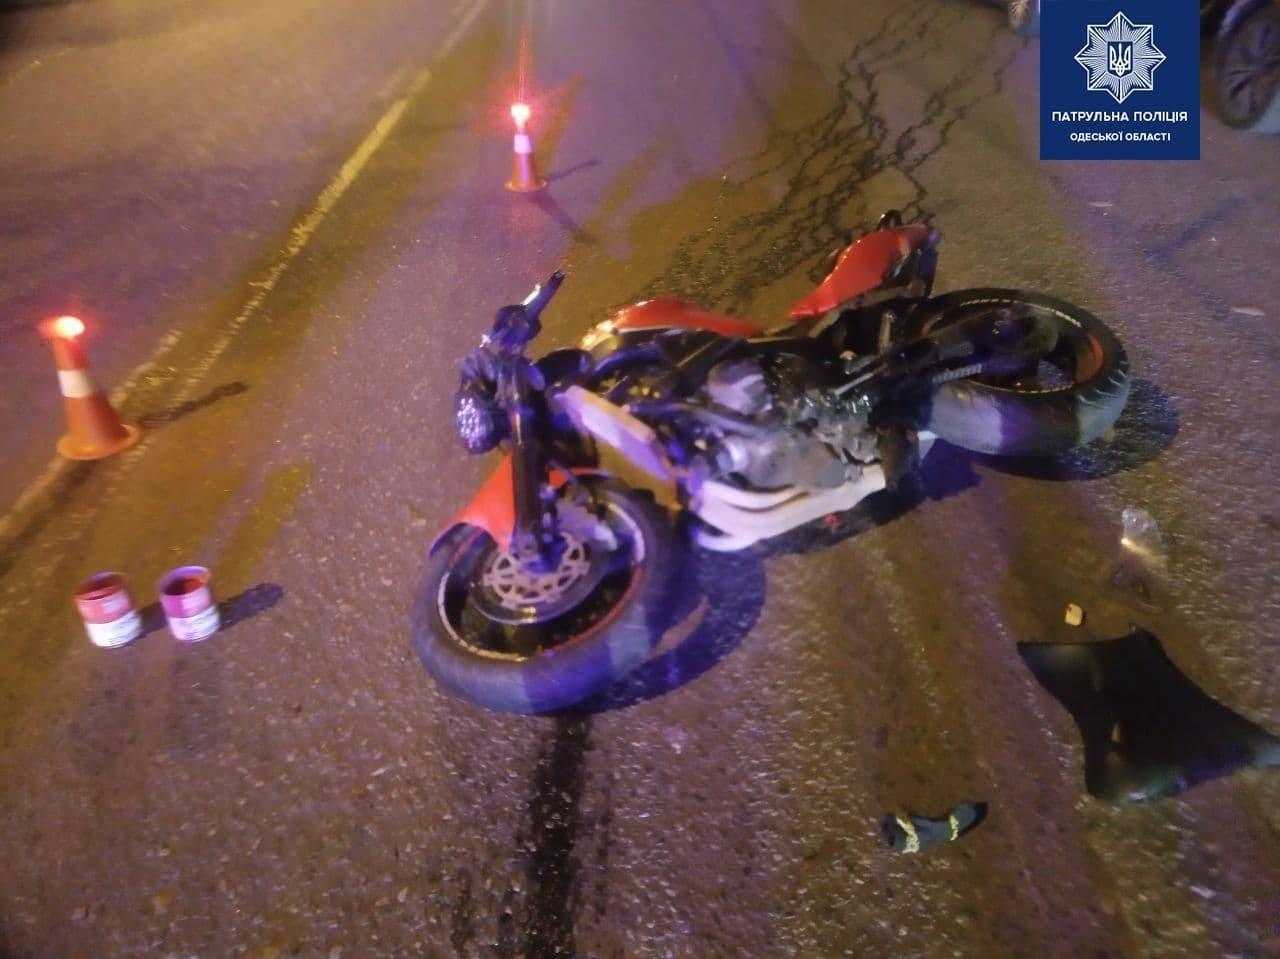 В Одессе мотоциклист сбил пешехода, который переходил дорогу на зеленый свет,  - ФОТО, фото-2